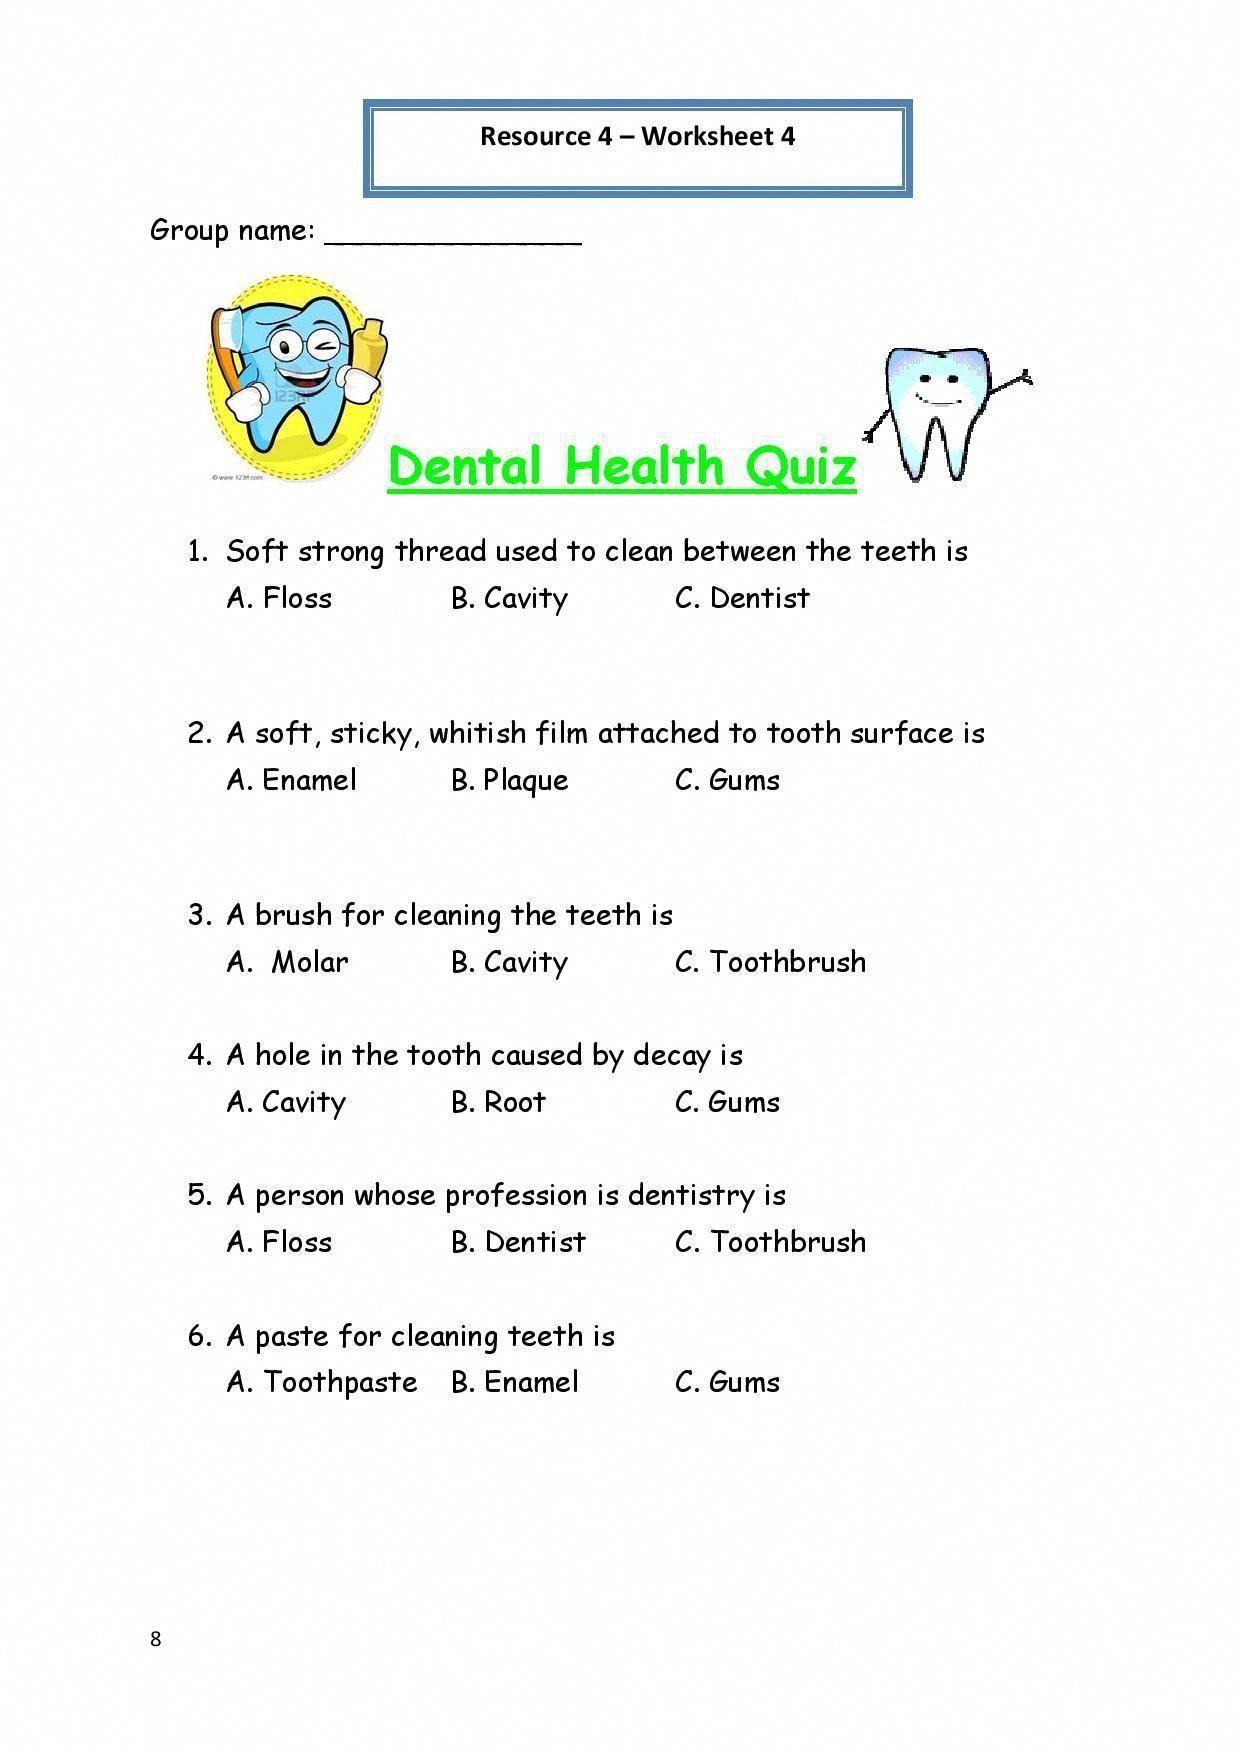 Printable Worksheets For Personal Hygiene Personal Hygiene Worksheet 4 Dental Health Quiz 212x300 Personal Zahnpflege Selbstverteidigung Tipps Zahne Putzen